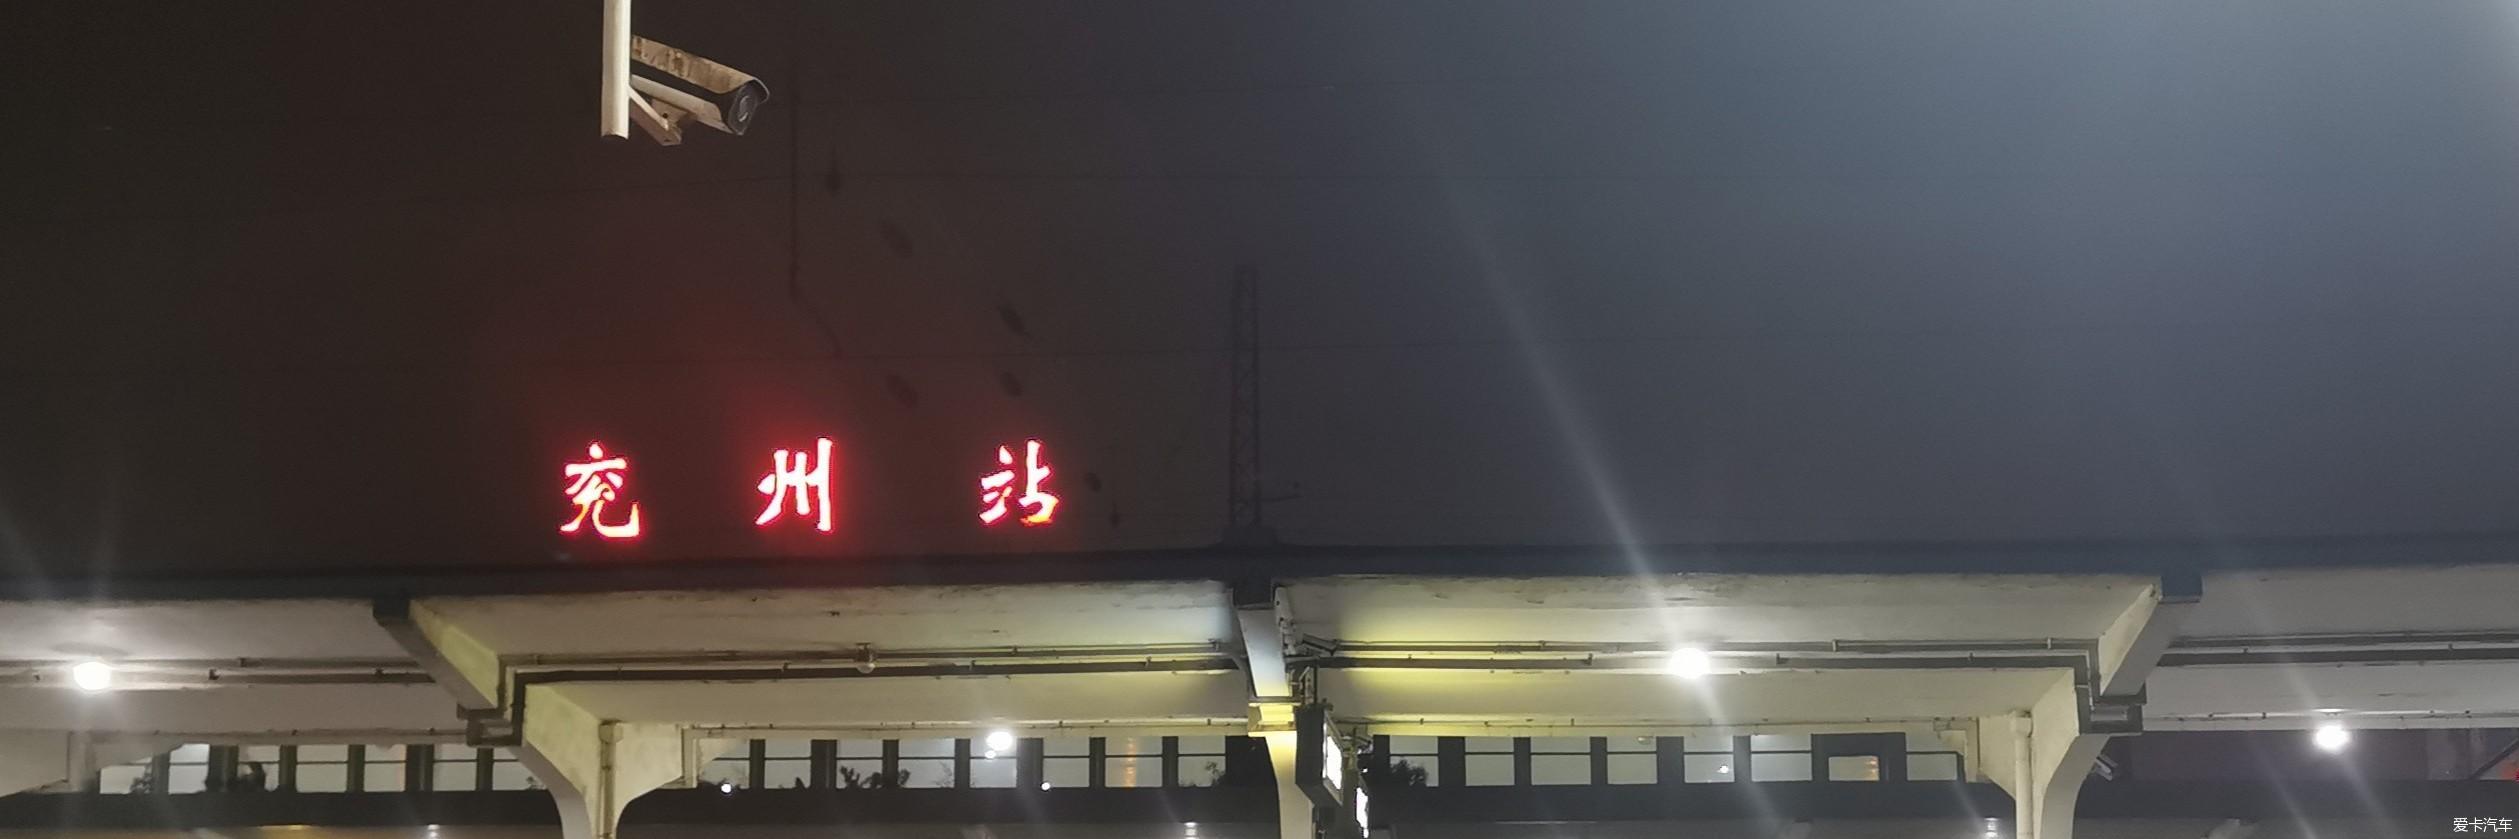 迷路到兗州